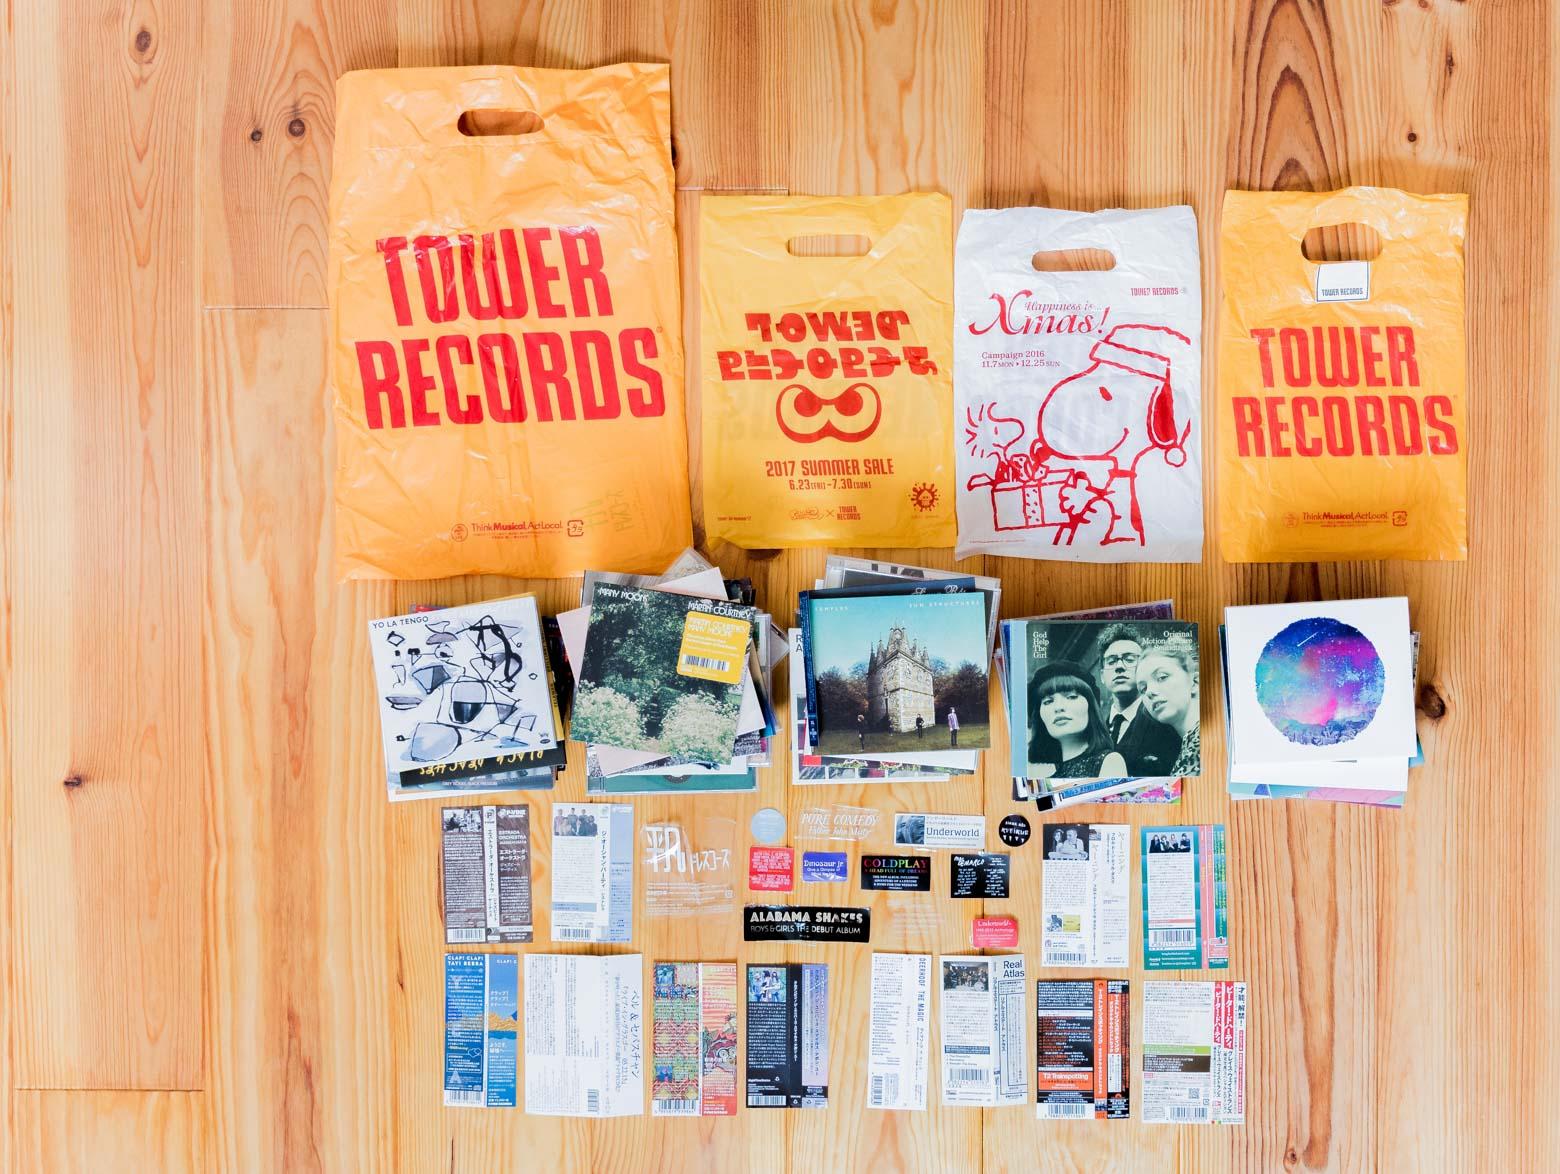 CDだけじゃなく、オビ、さらに包装に貼られているシールと、これらを購入したタワーレコードの袋までとってある!